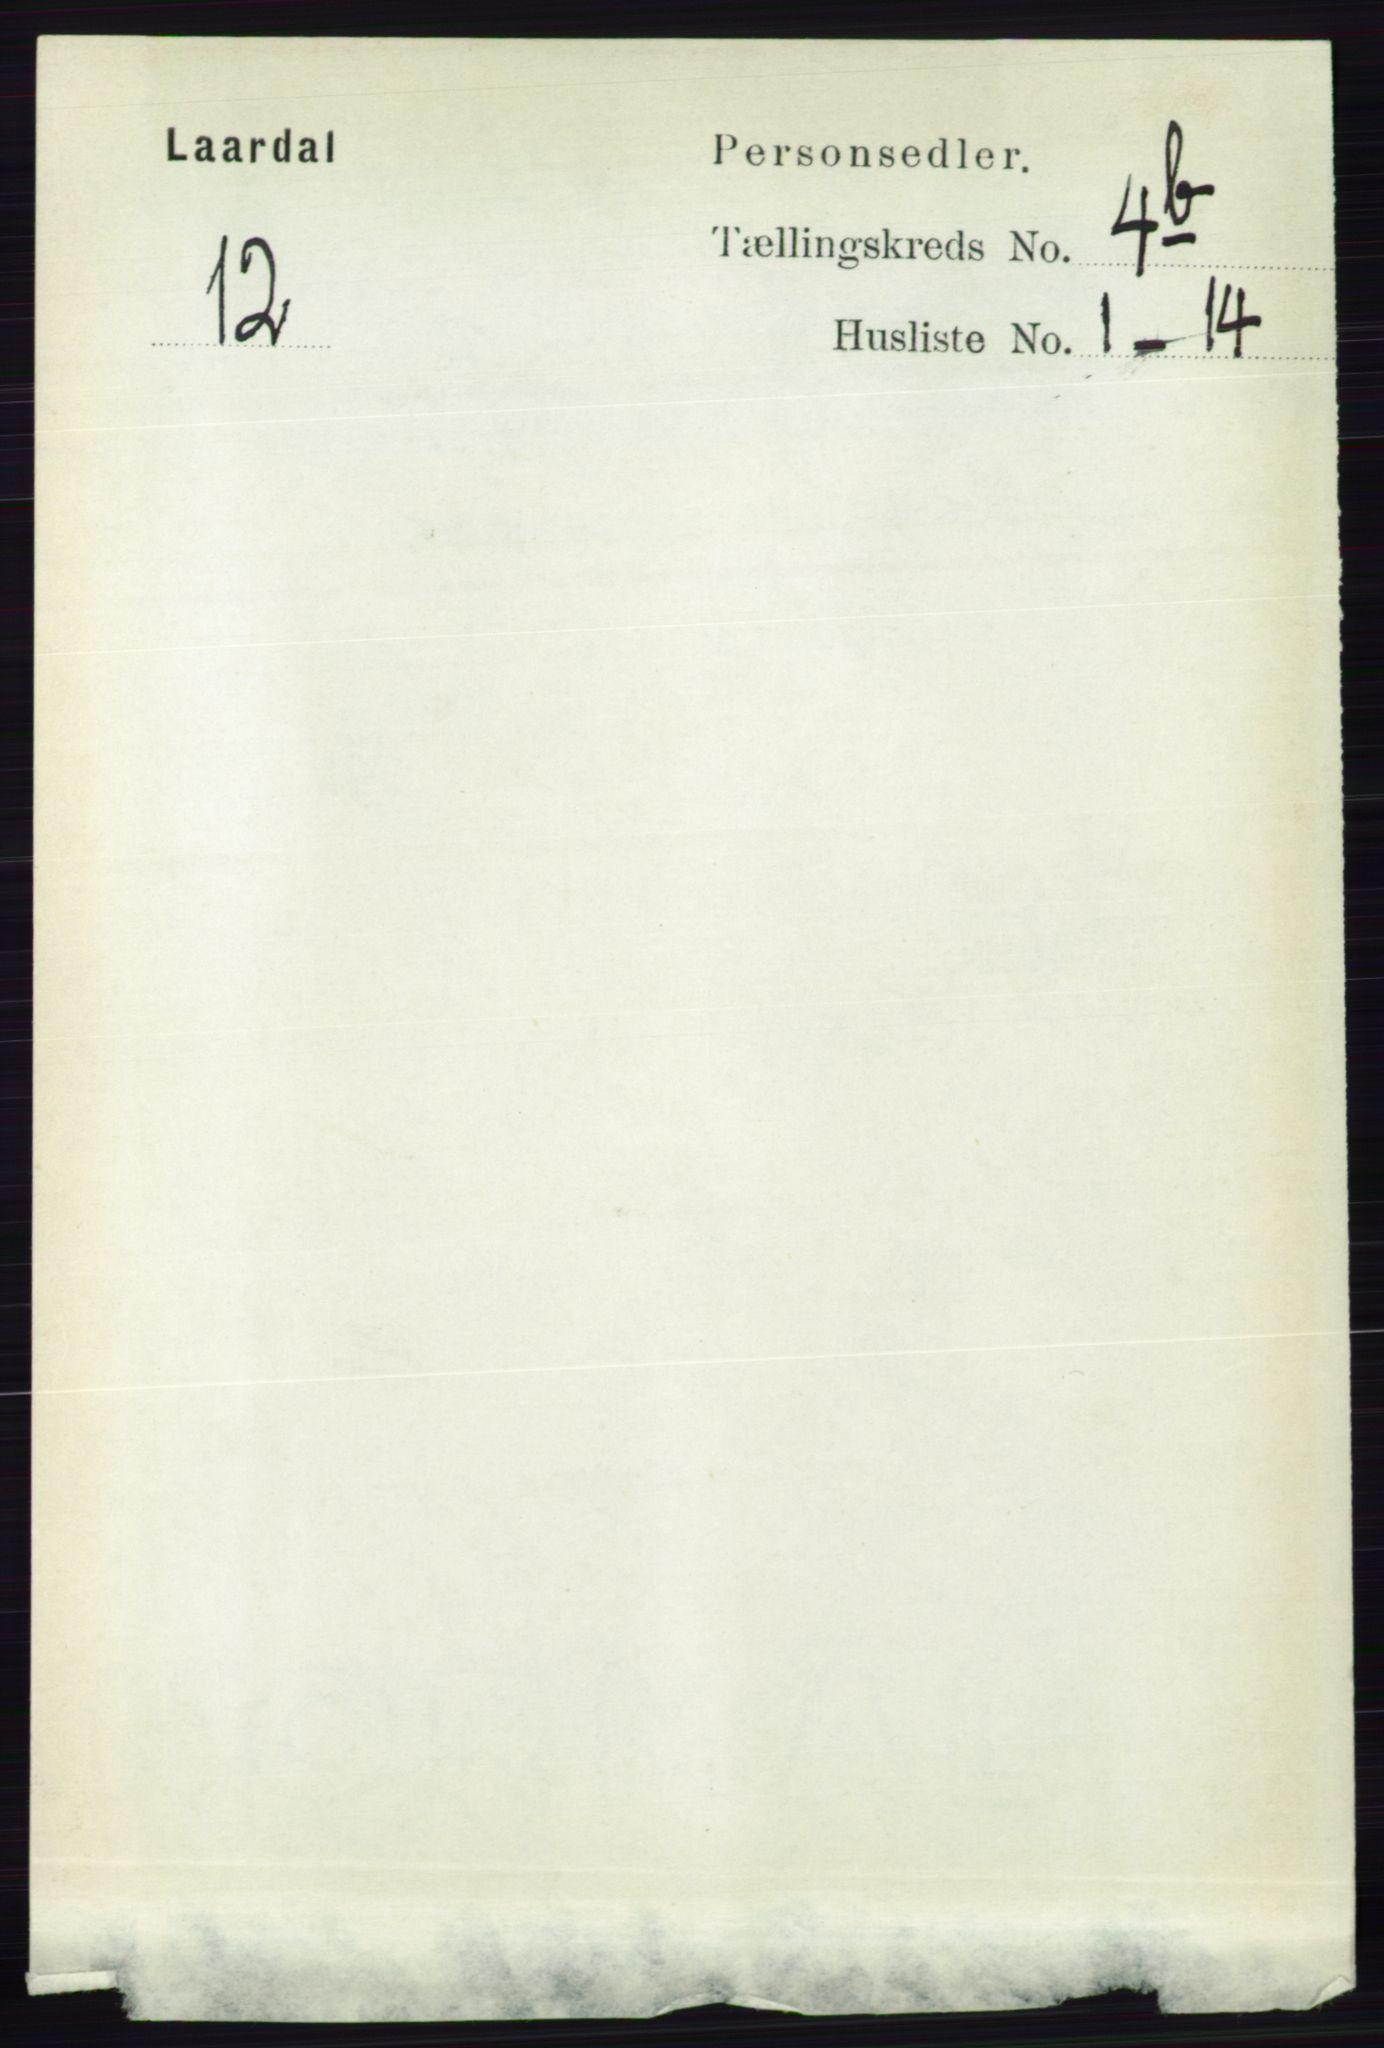 RA, Folketelling 1891 for 0833 Lårdal herred, 1891, s. 1173